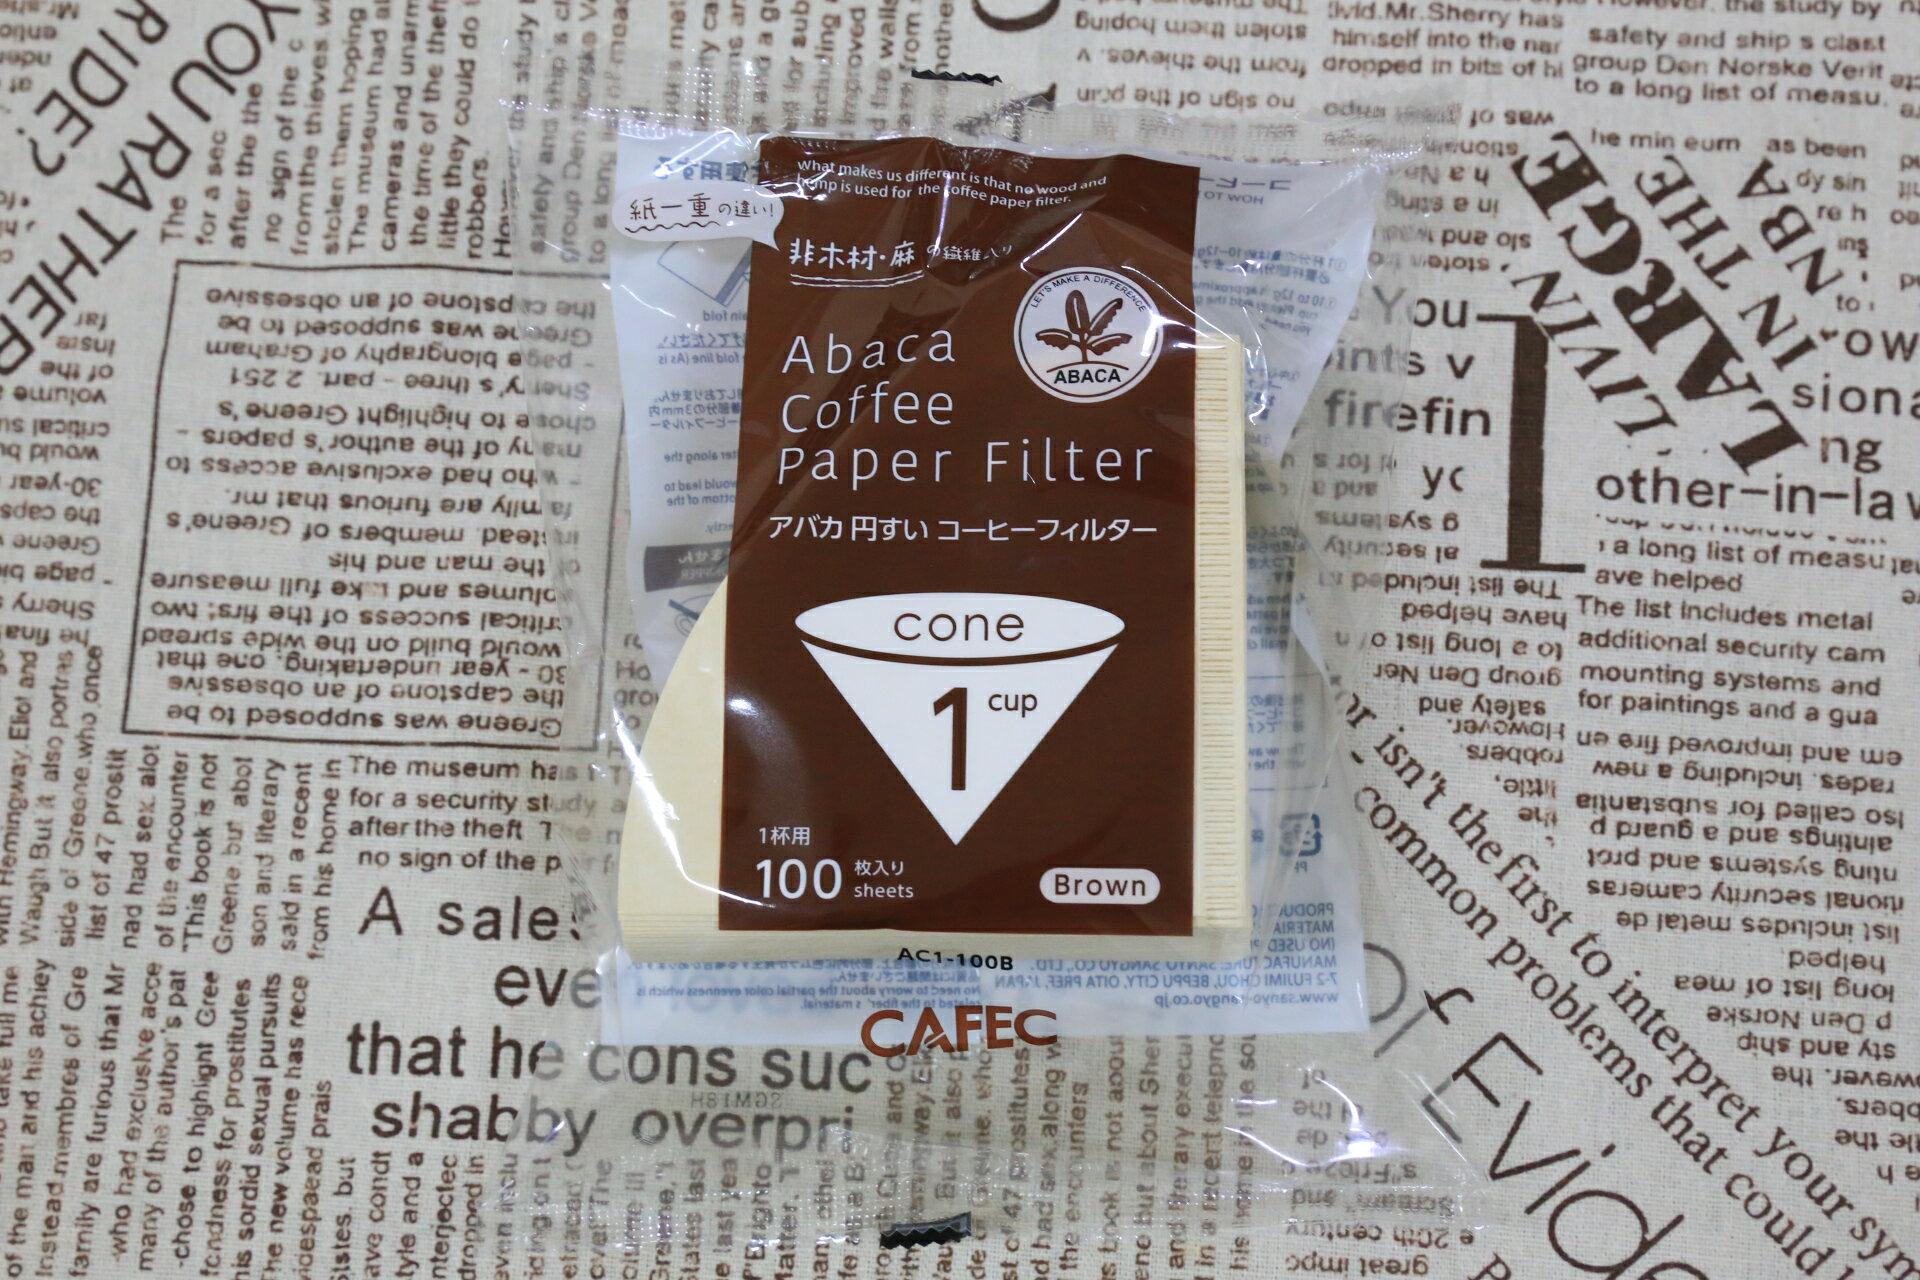 【翔咖啡】三洋 錐形濾紙 01 無漂白 100入/包 日本原裝